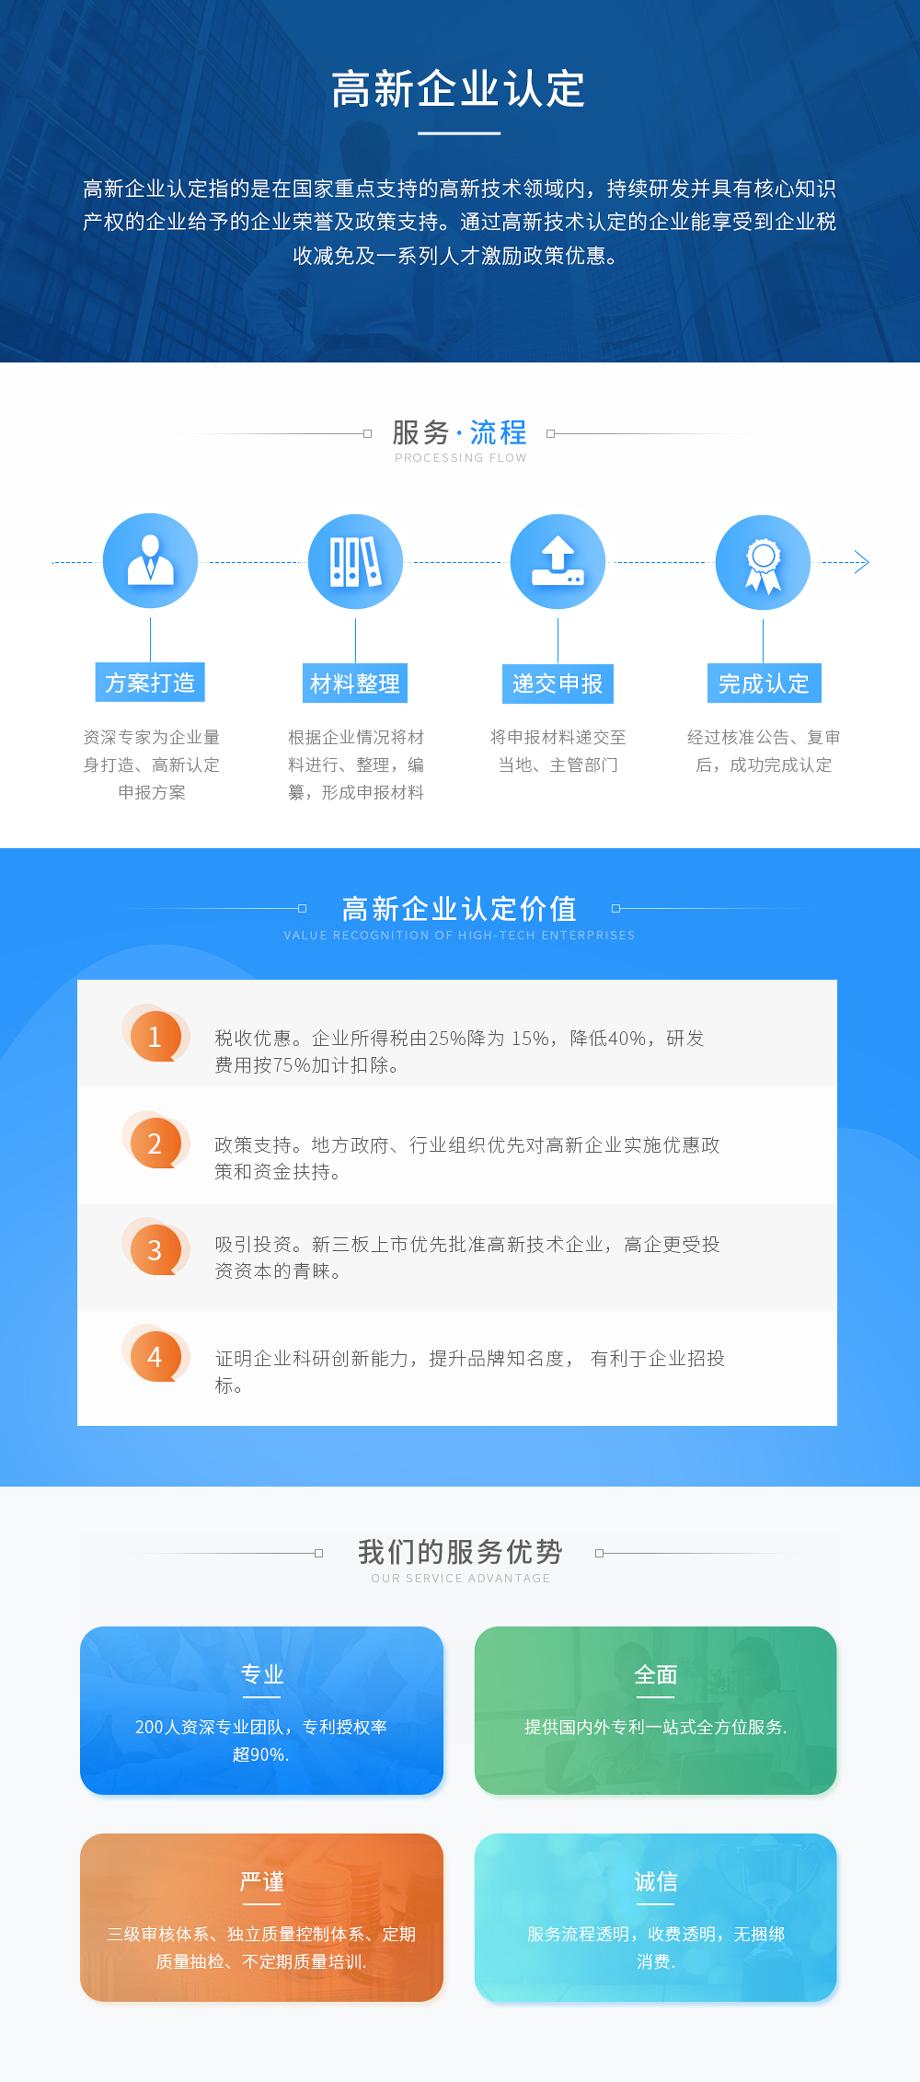 高新企业认定辅导_01.jpg